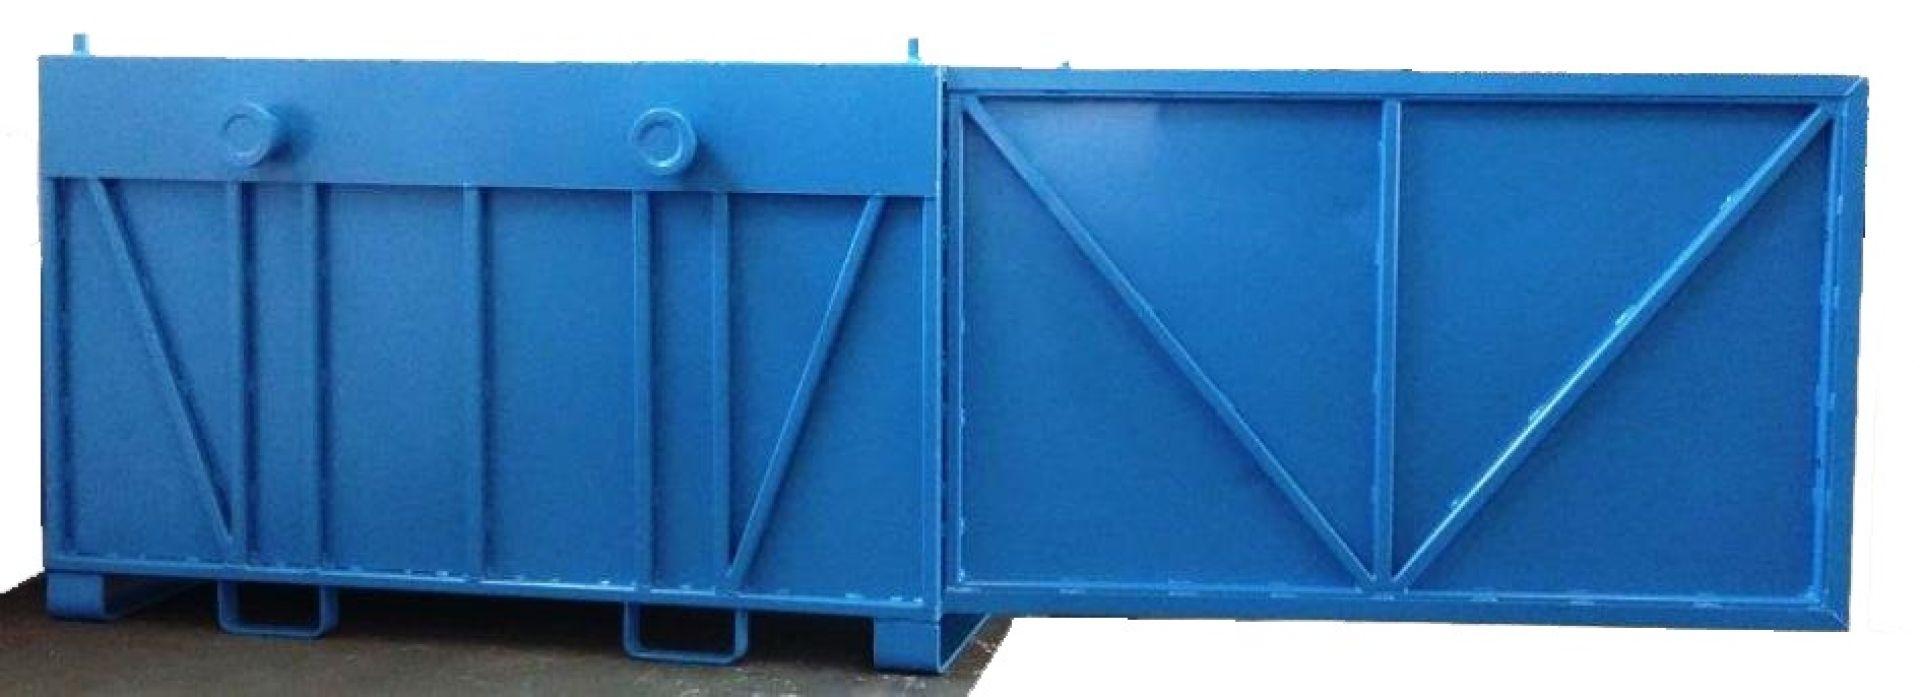 Kranbarer Schwerlastbehälter mit Tür